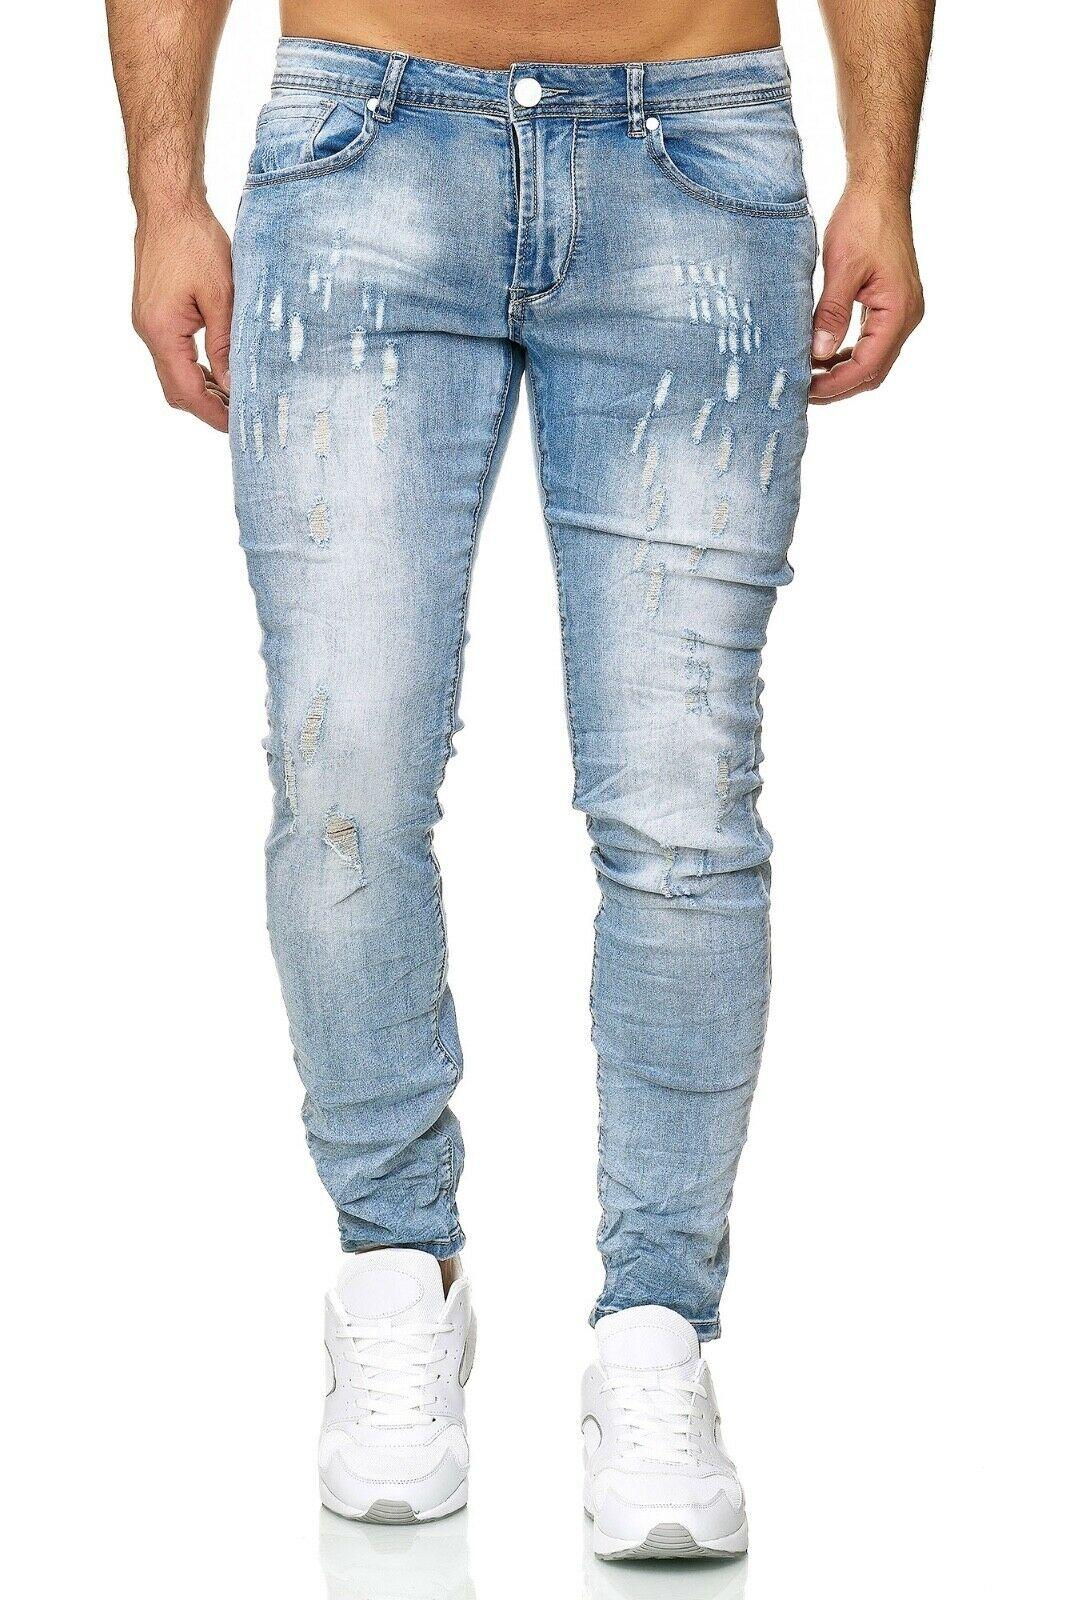 Herren-Jeanshosen-Stretch-Hose-Slim-fit-SKINNY-Jeans-Blau-Schwarz-Grau-Weiss Indexbild 28